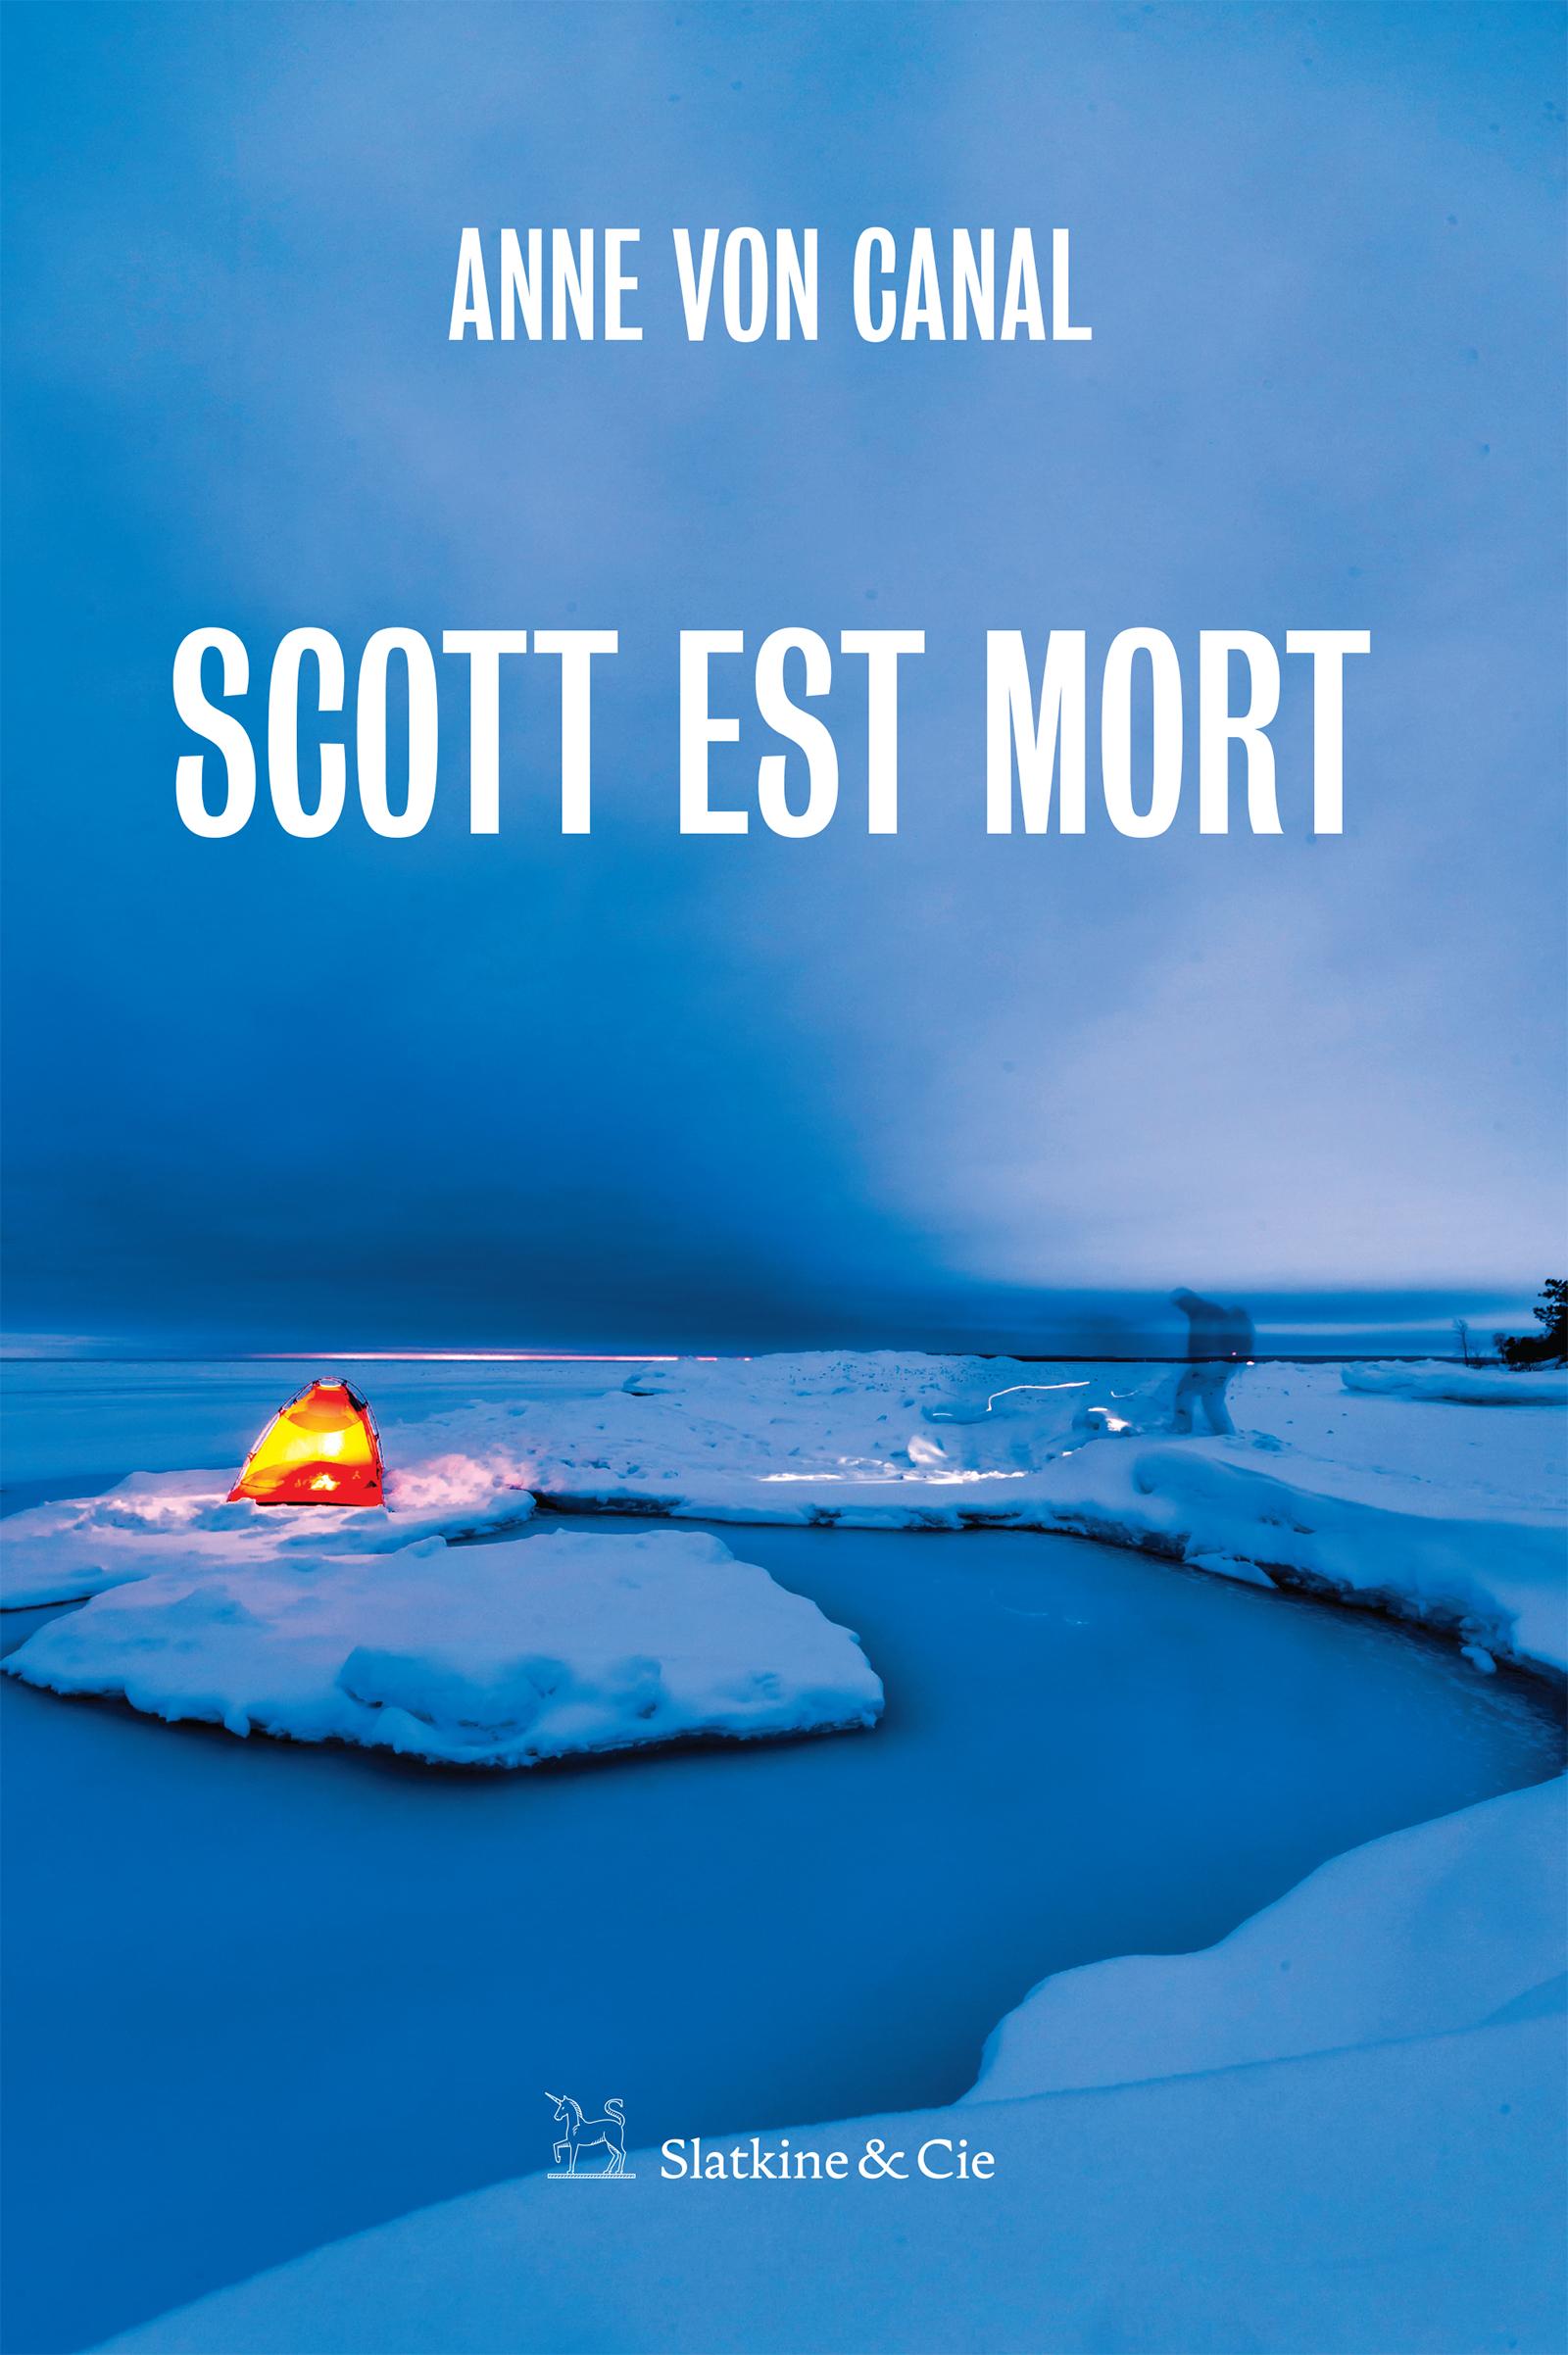 Scott est mort